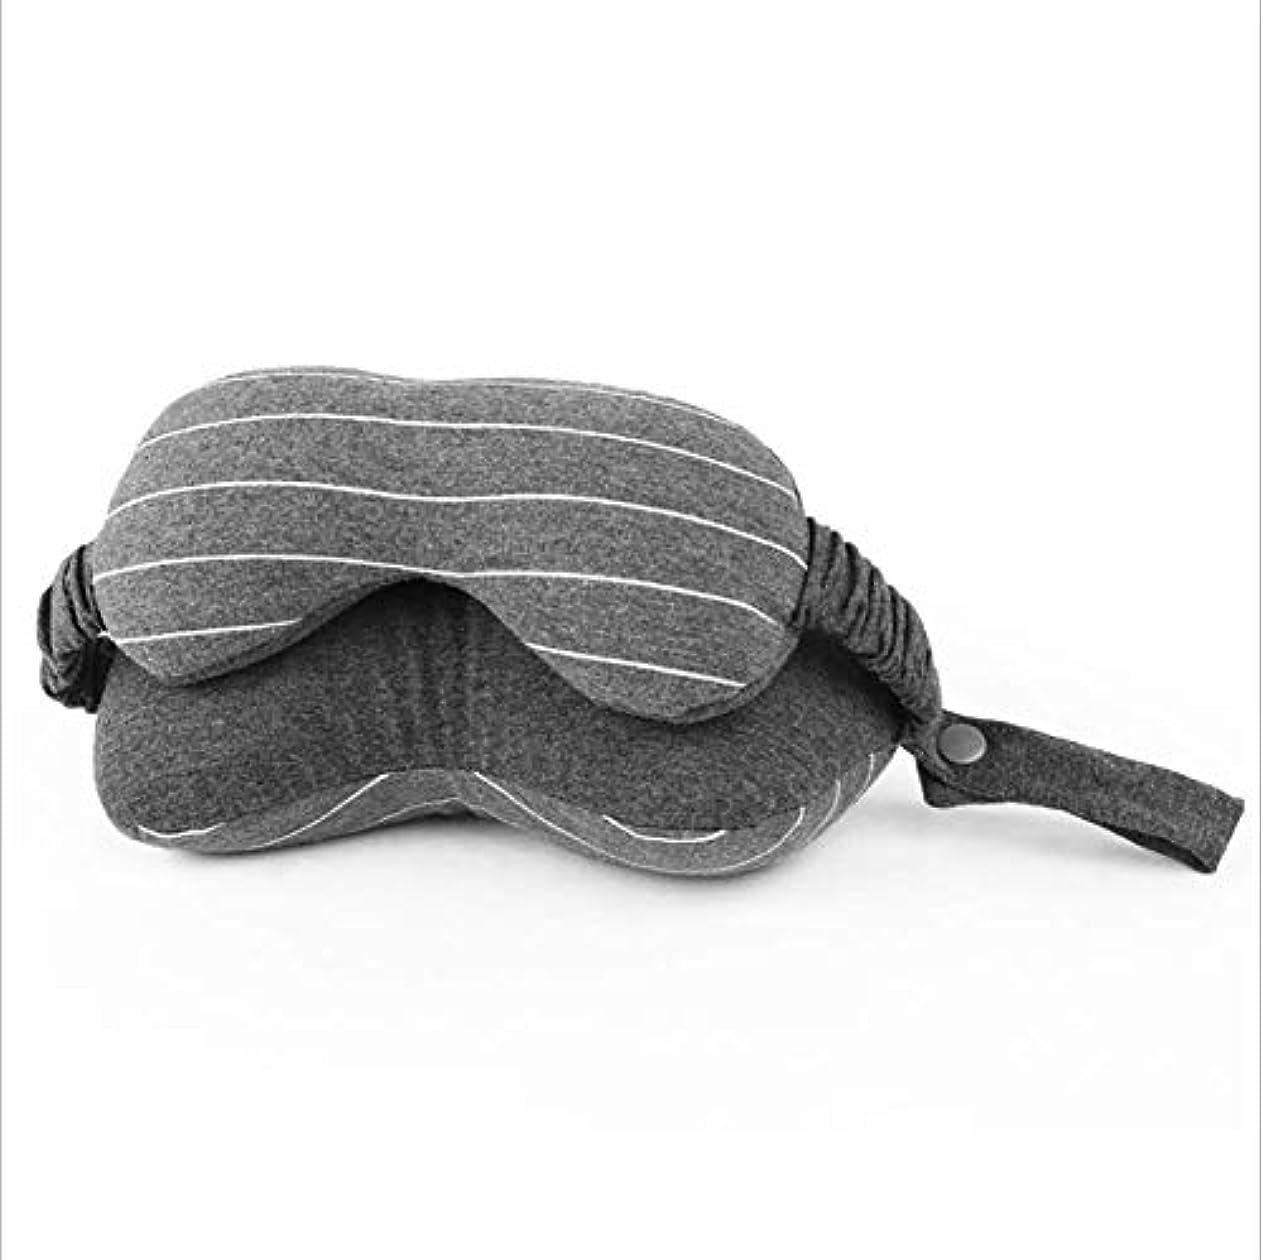 アイマスクの枕旅行の睡眠に適していますストレスリリーフユニセックスフルシェーディングソフトで快適な調節可能睡眠に役立ちます